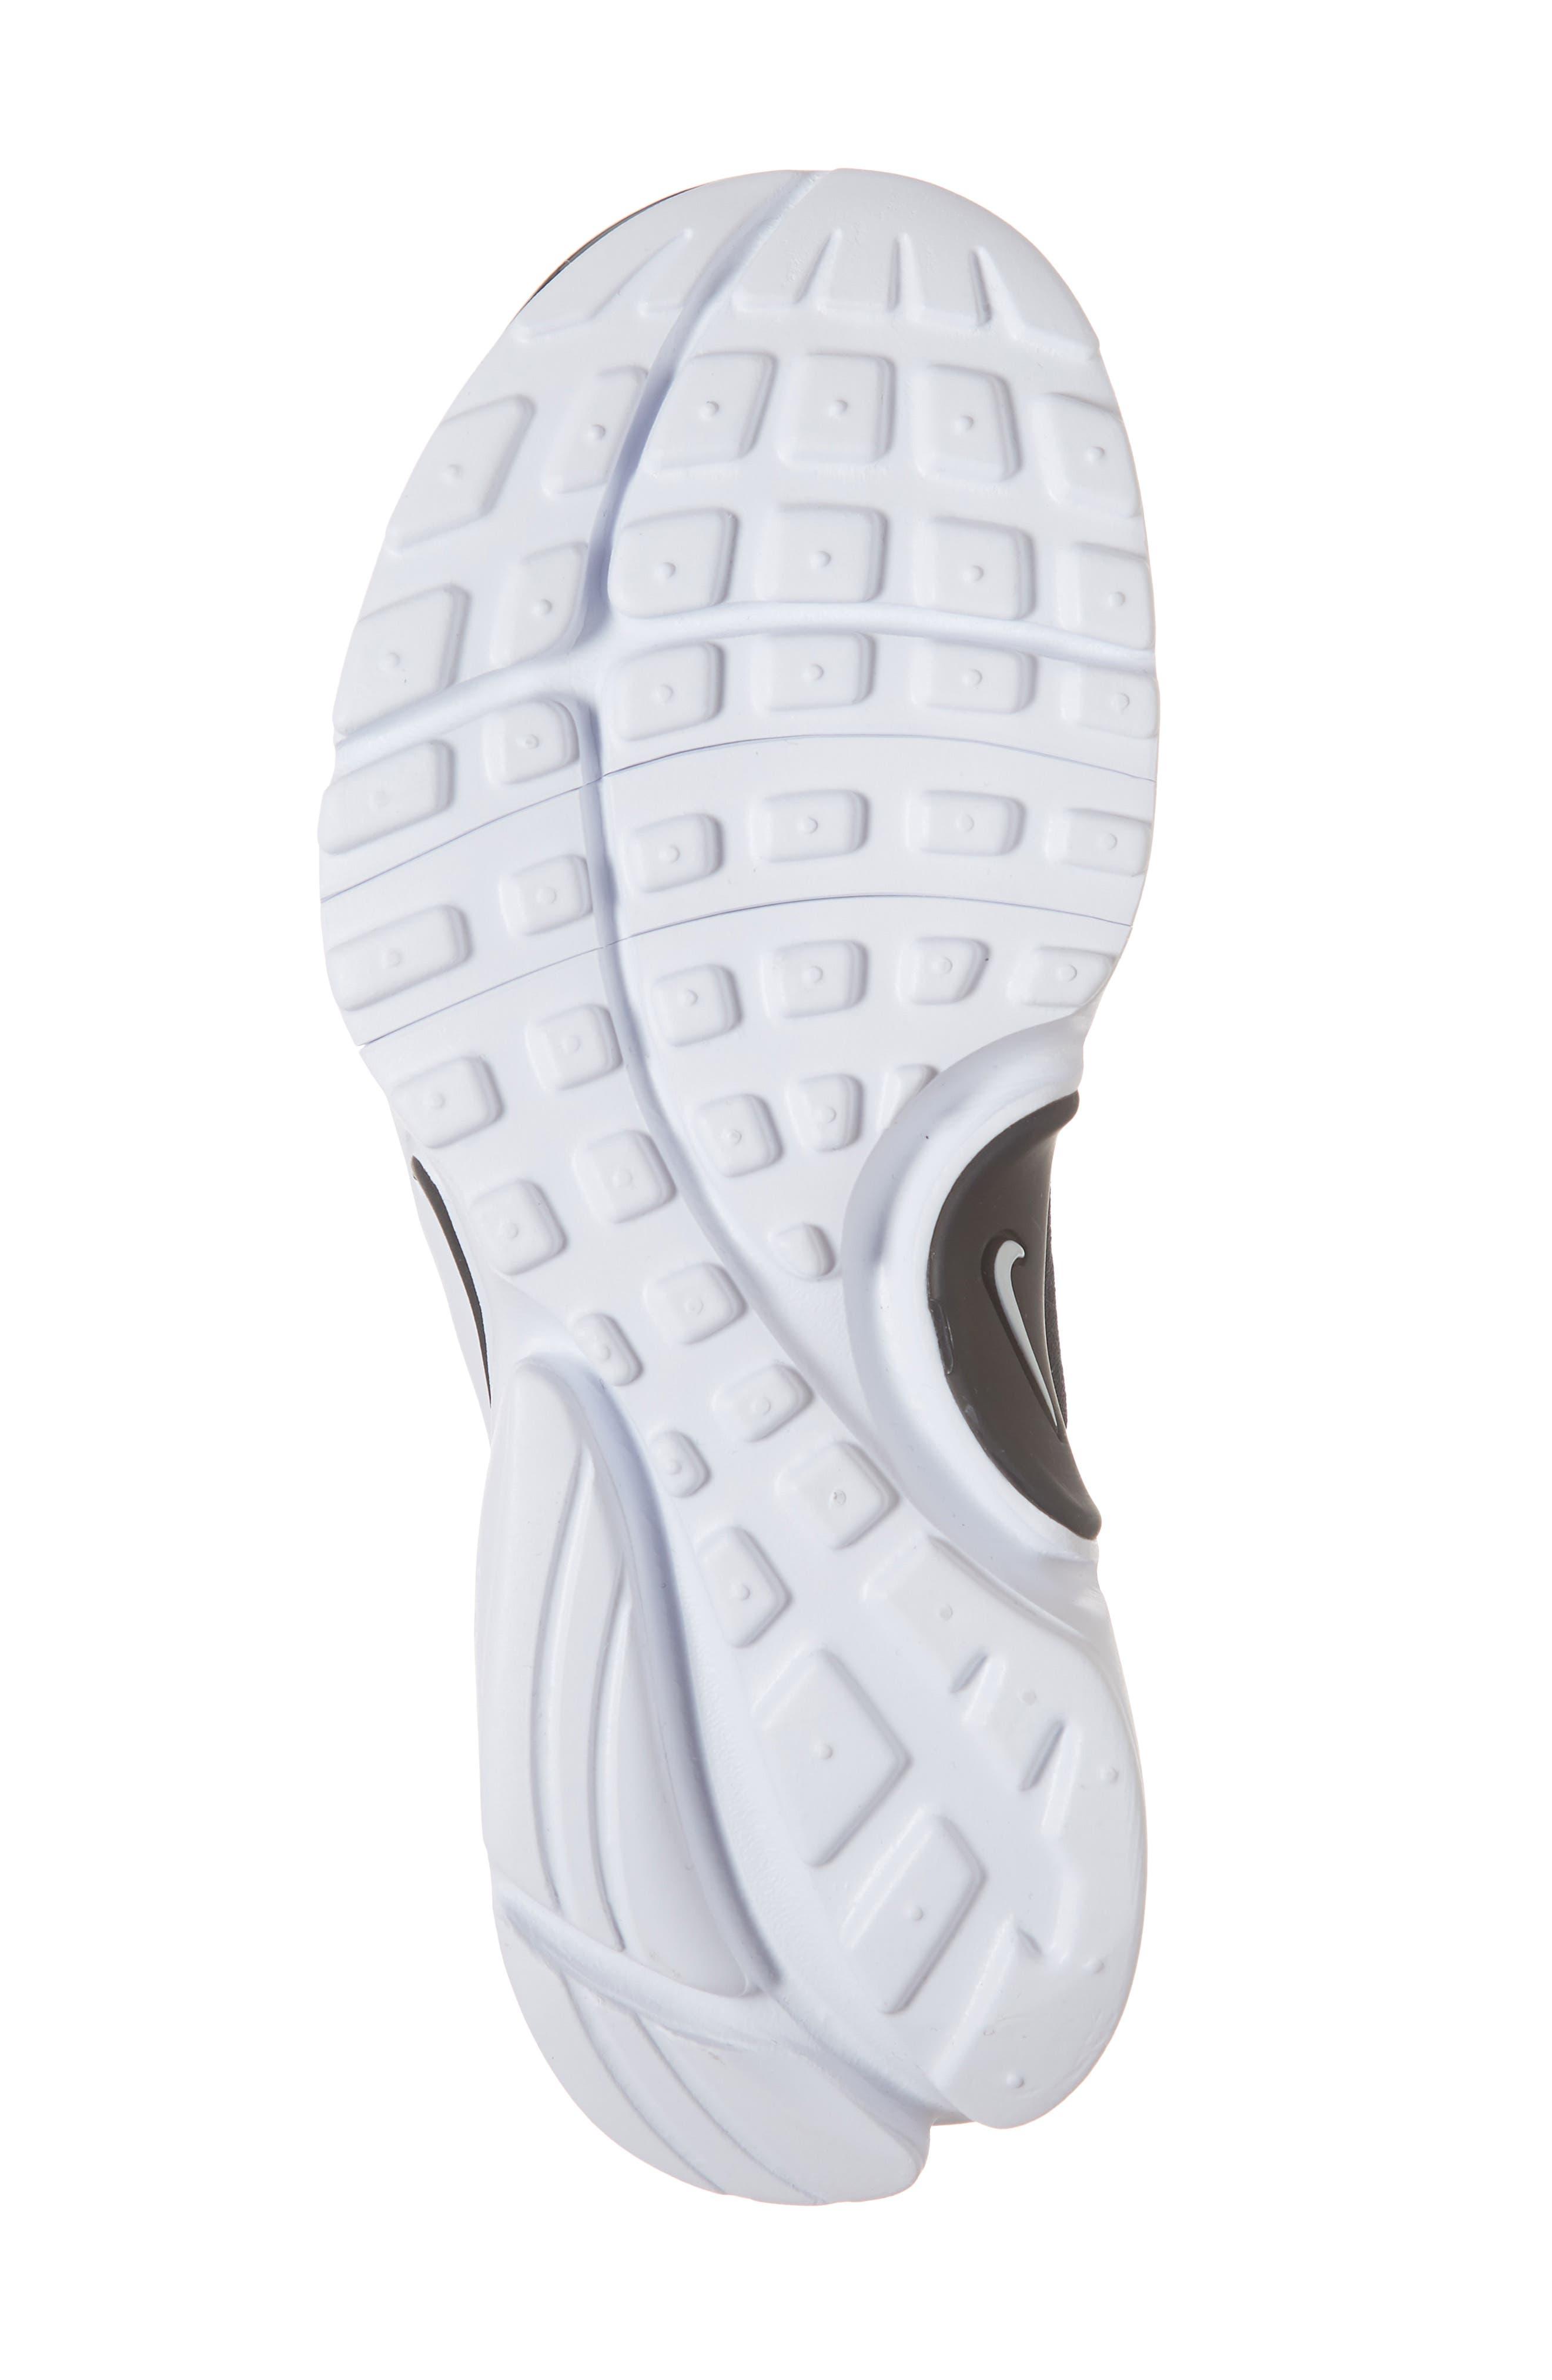 Presto Extreme Sneaker,                             Alternate thumbnail 4, color,                             Black/ Metallic Gold/ White